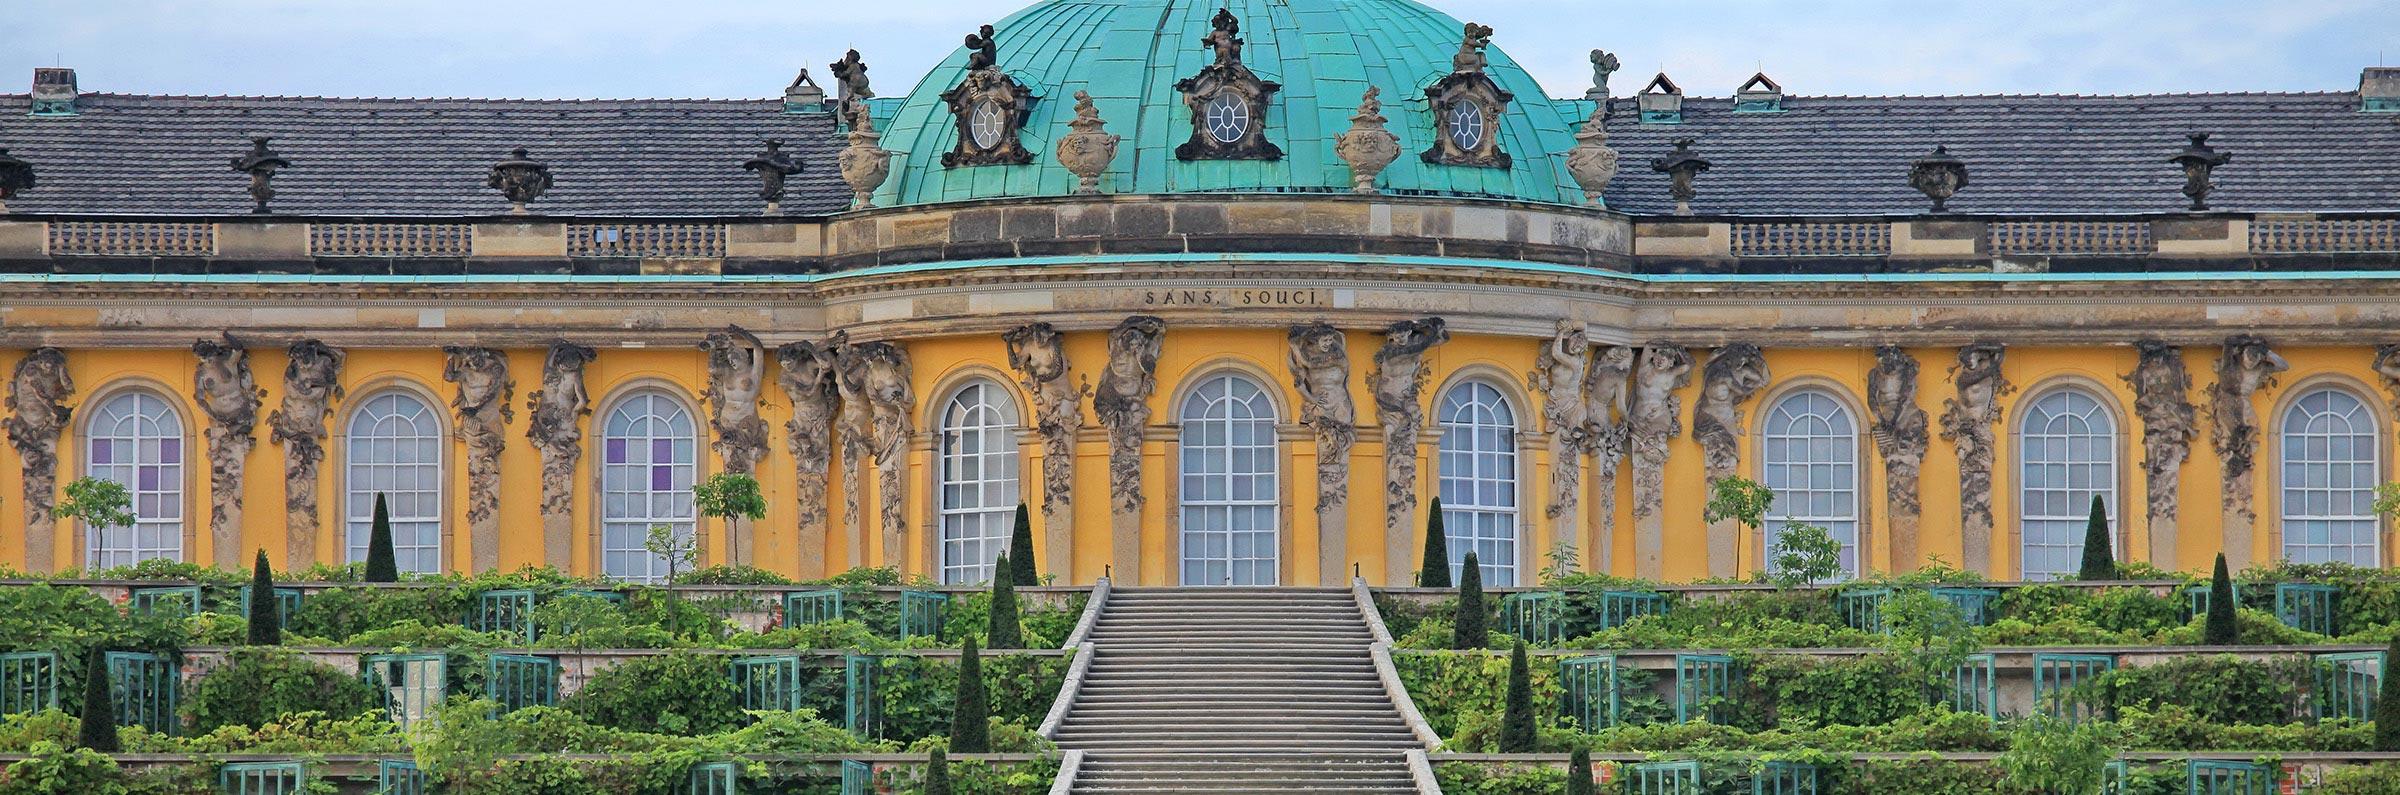 Day trip in Berlin